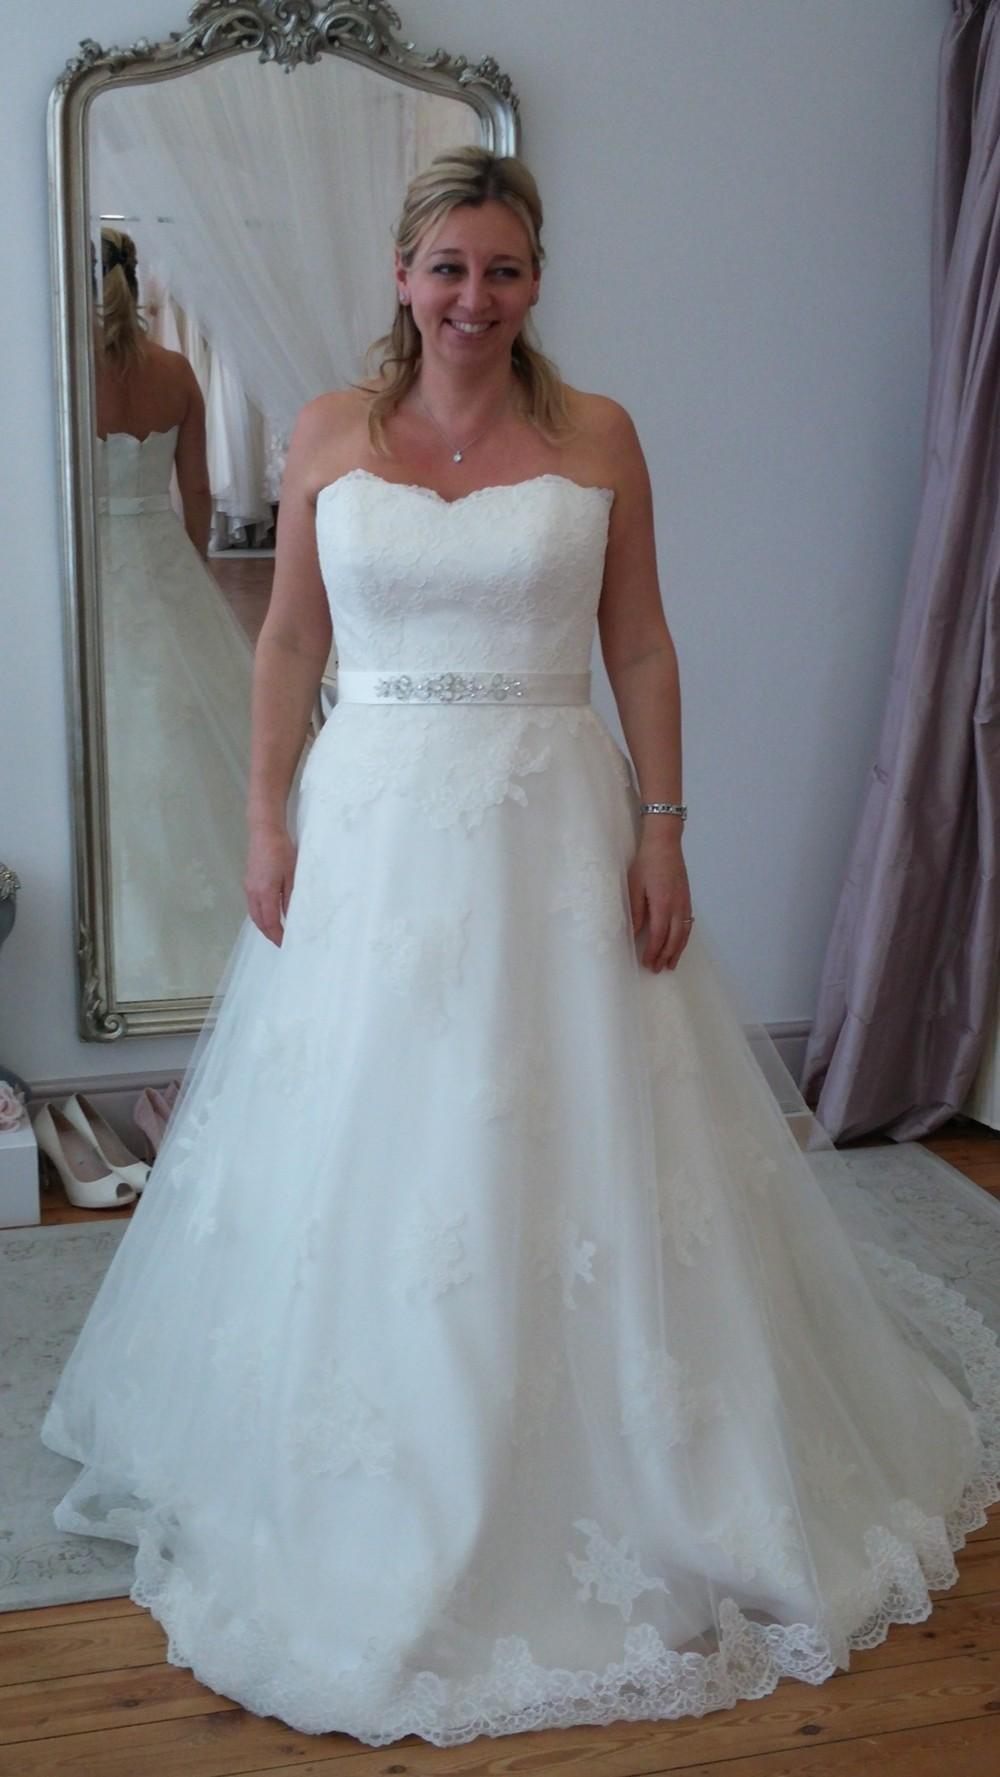 Augusta Jones Juno New Wedding Dress on Sale 39% Off